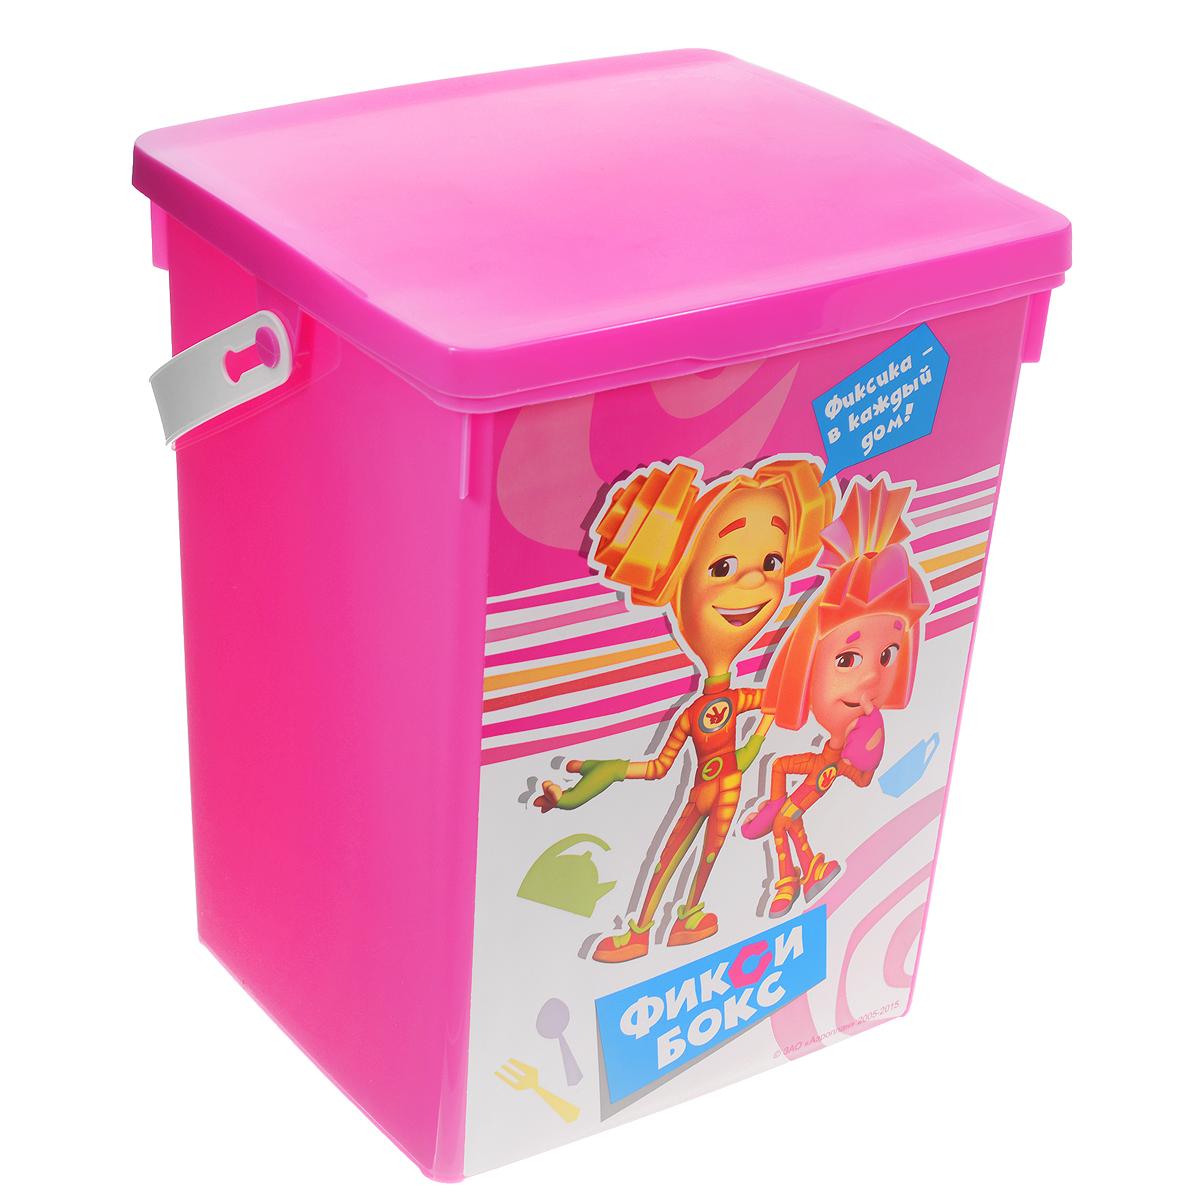 Контейнер для игрушек Полимербыт Фиксики, цвет: розовый, 5 л531-402Контейнер Полимербыт Фиксики выполнен из высококачественного цветного пластика и предназначен для хранения небольших игрушек. Контейнер декорирован красочным изображением героев одноименного мультика Фиксики. Для удобства переноски имеется специальная пластиковая ручка. Контейнер плотно закрывается крышкой. Контейнер Полимербыт Фиксики очень вместителен и поможет вам хранить все необходимые мелочи в одном месте.